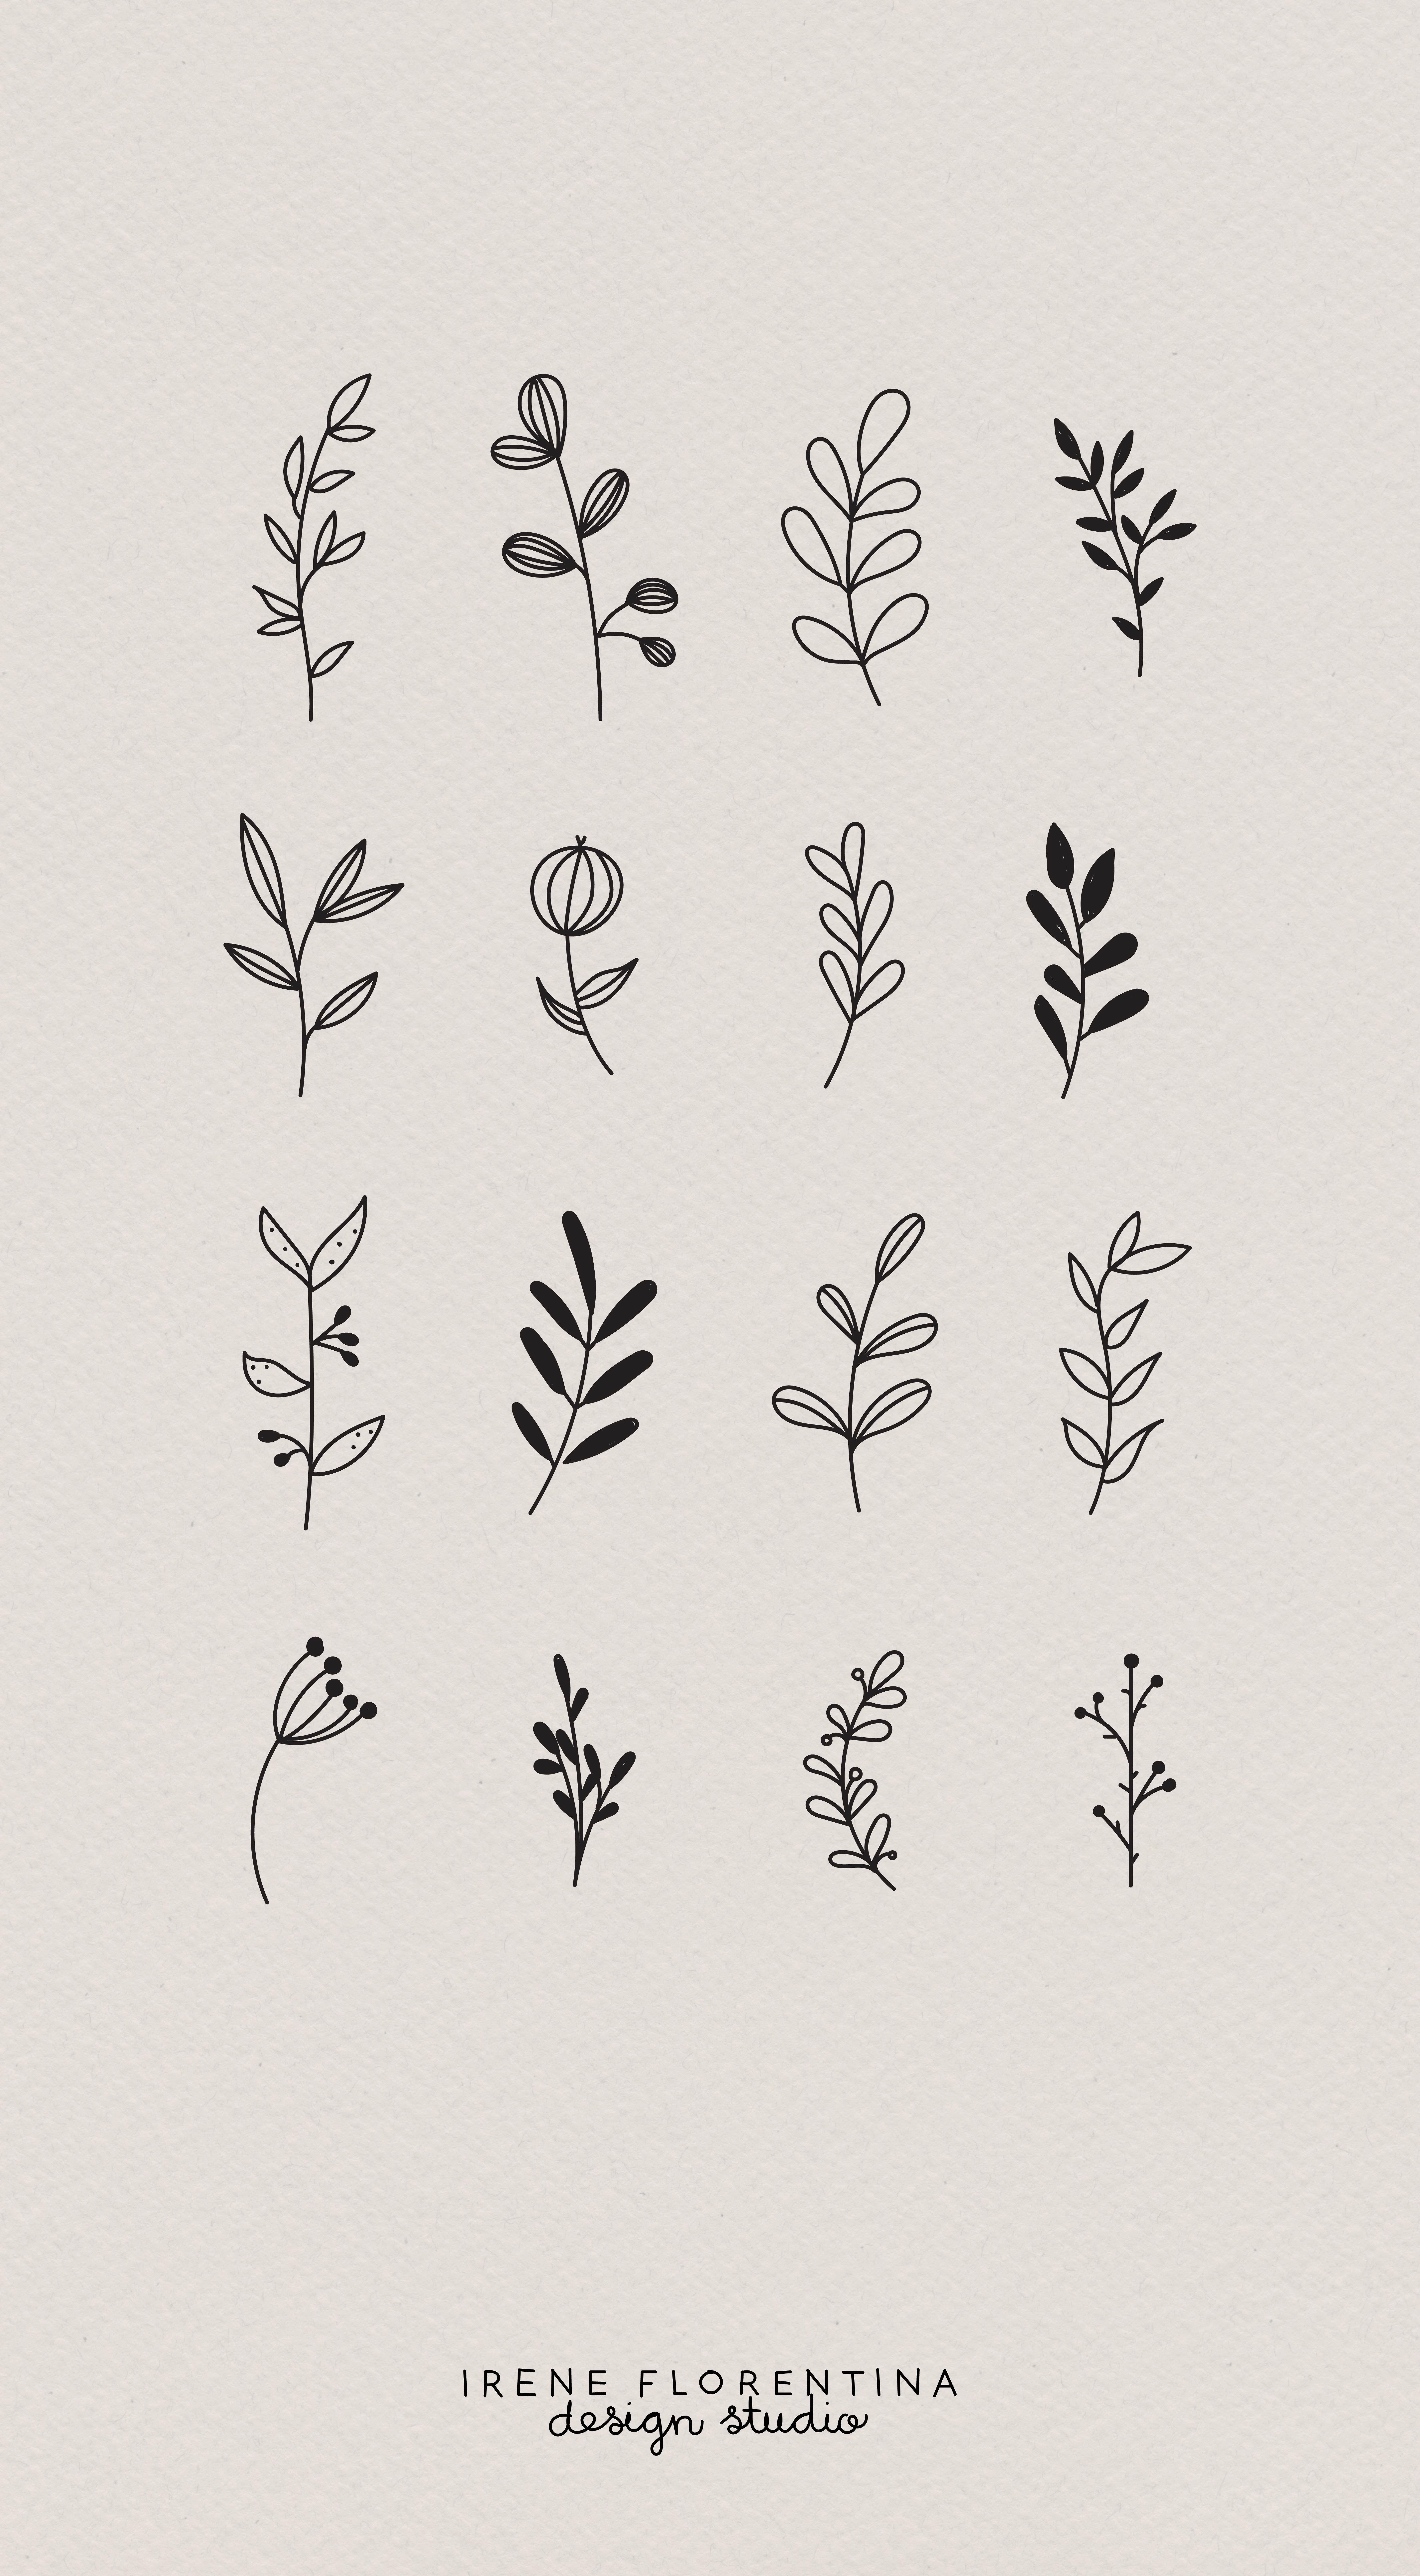 50 illustrations botaniques dessinées à la main #botaniques #dessinées #illustrations #main